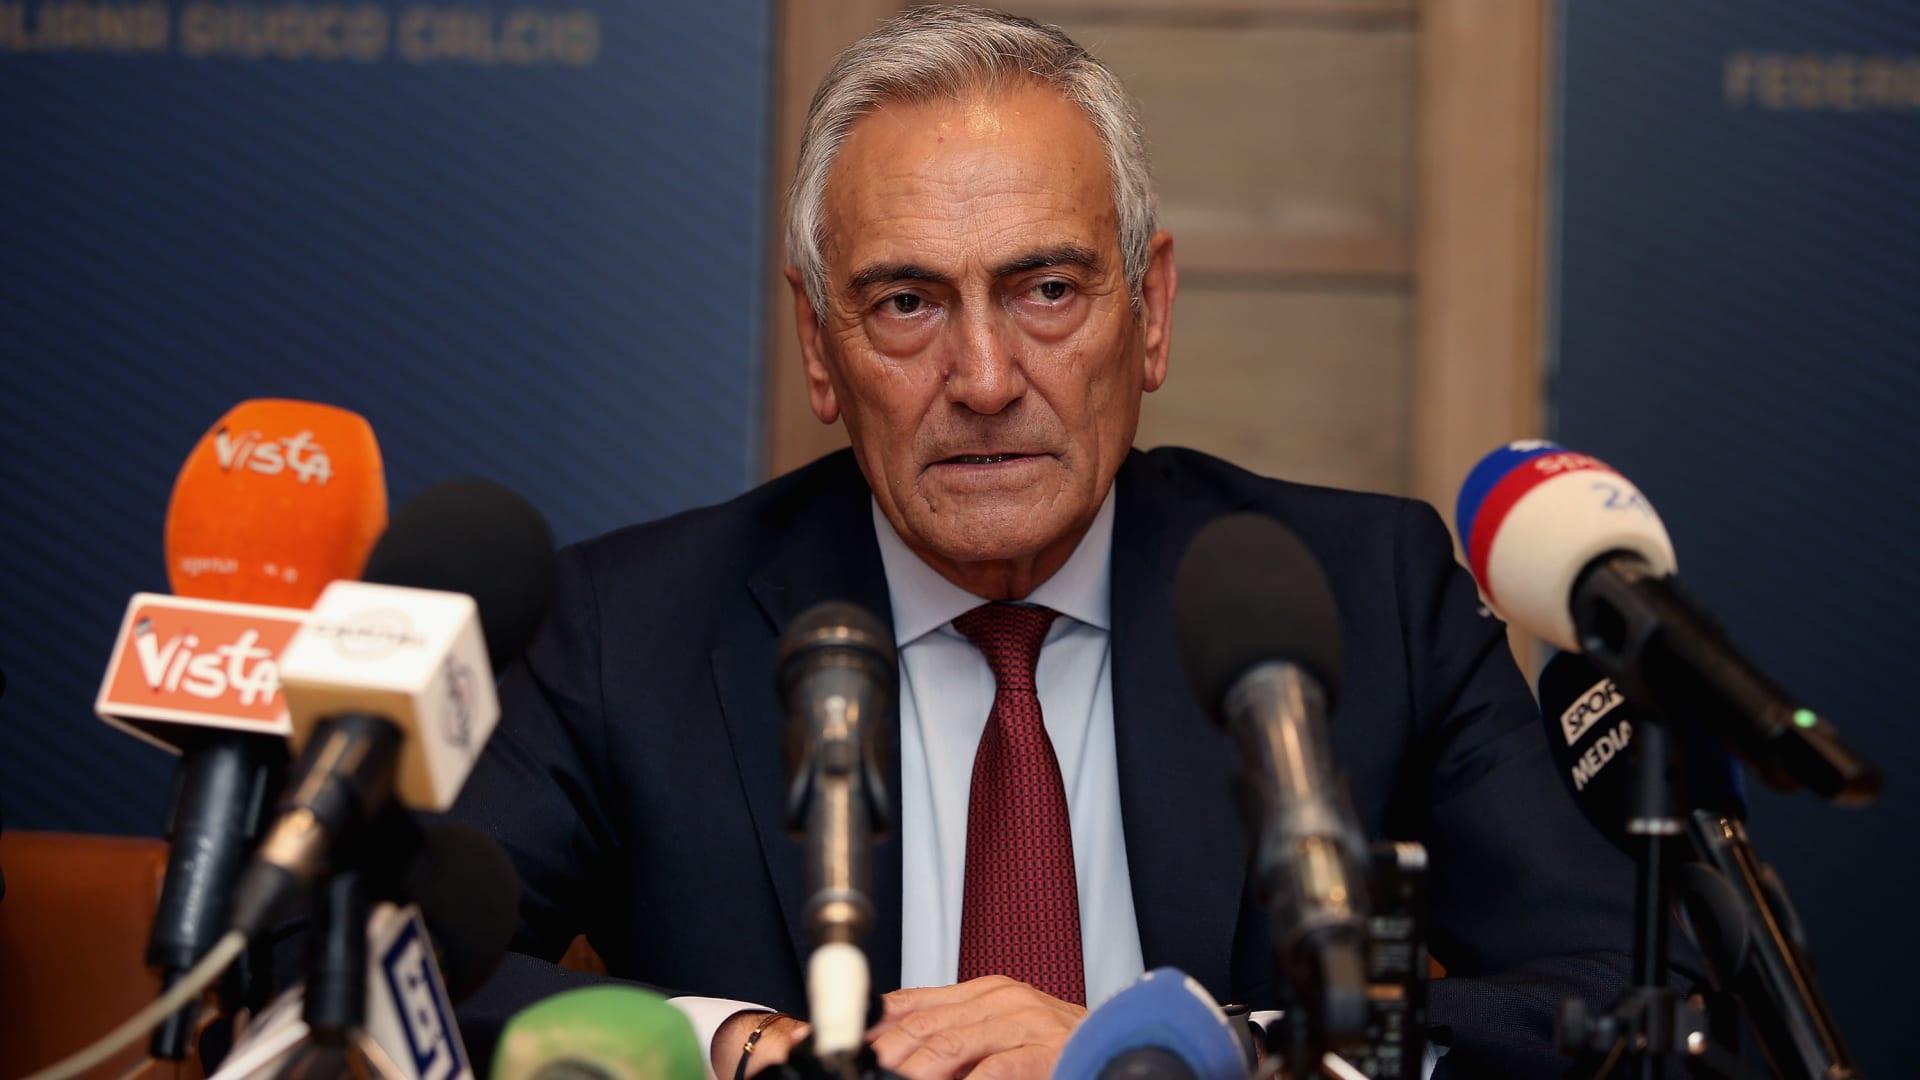 الاتحاد النرويجي لكرة القدم: تأجيل يورو 2020 في إيطاليا بسبب تفشي فيروس كورونا